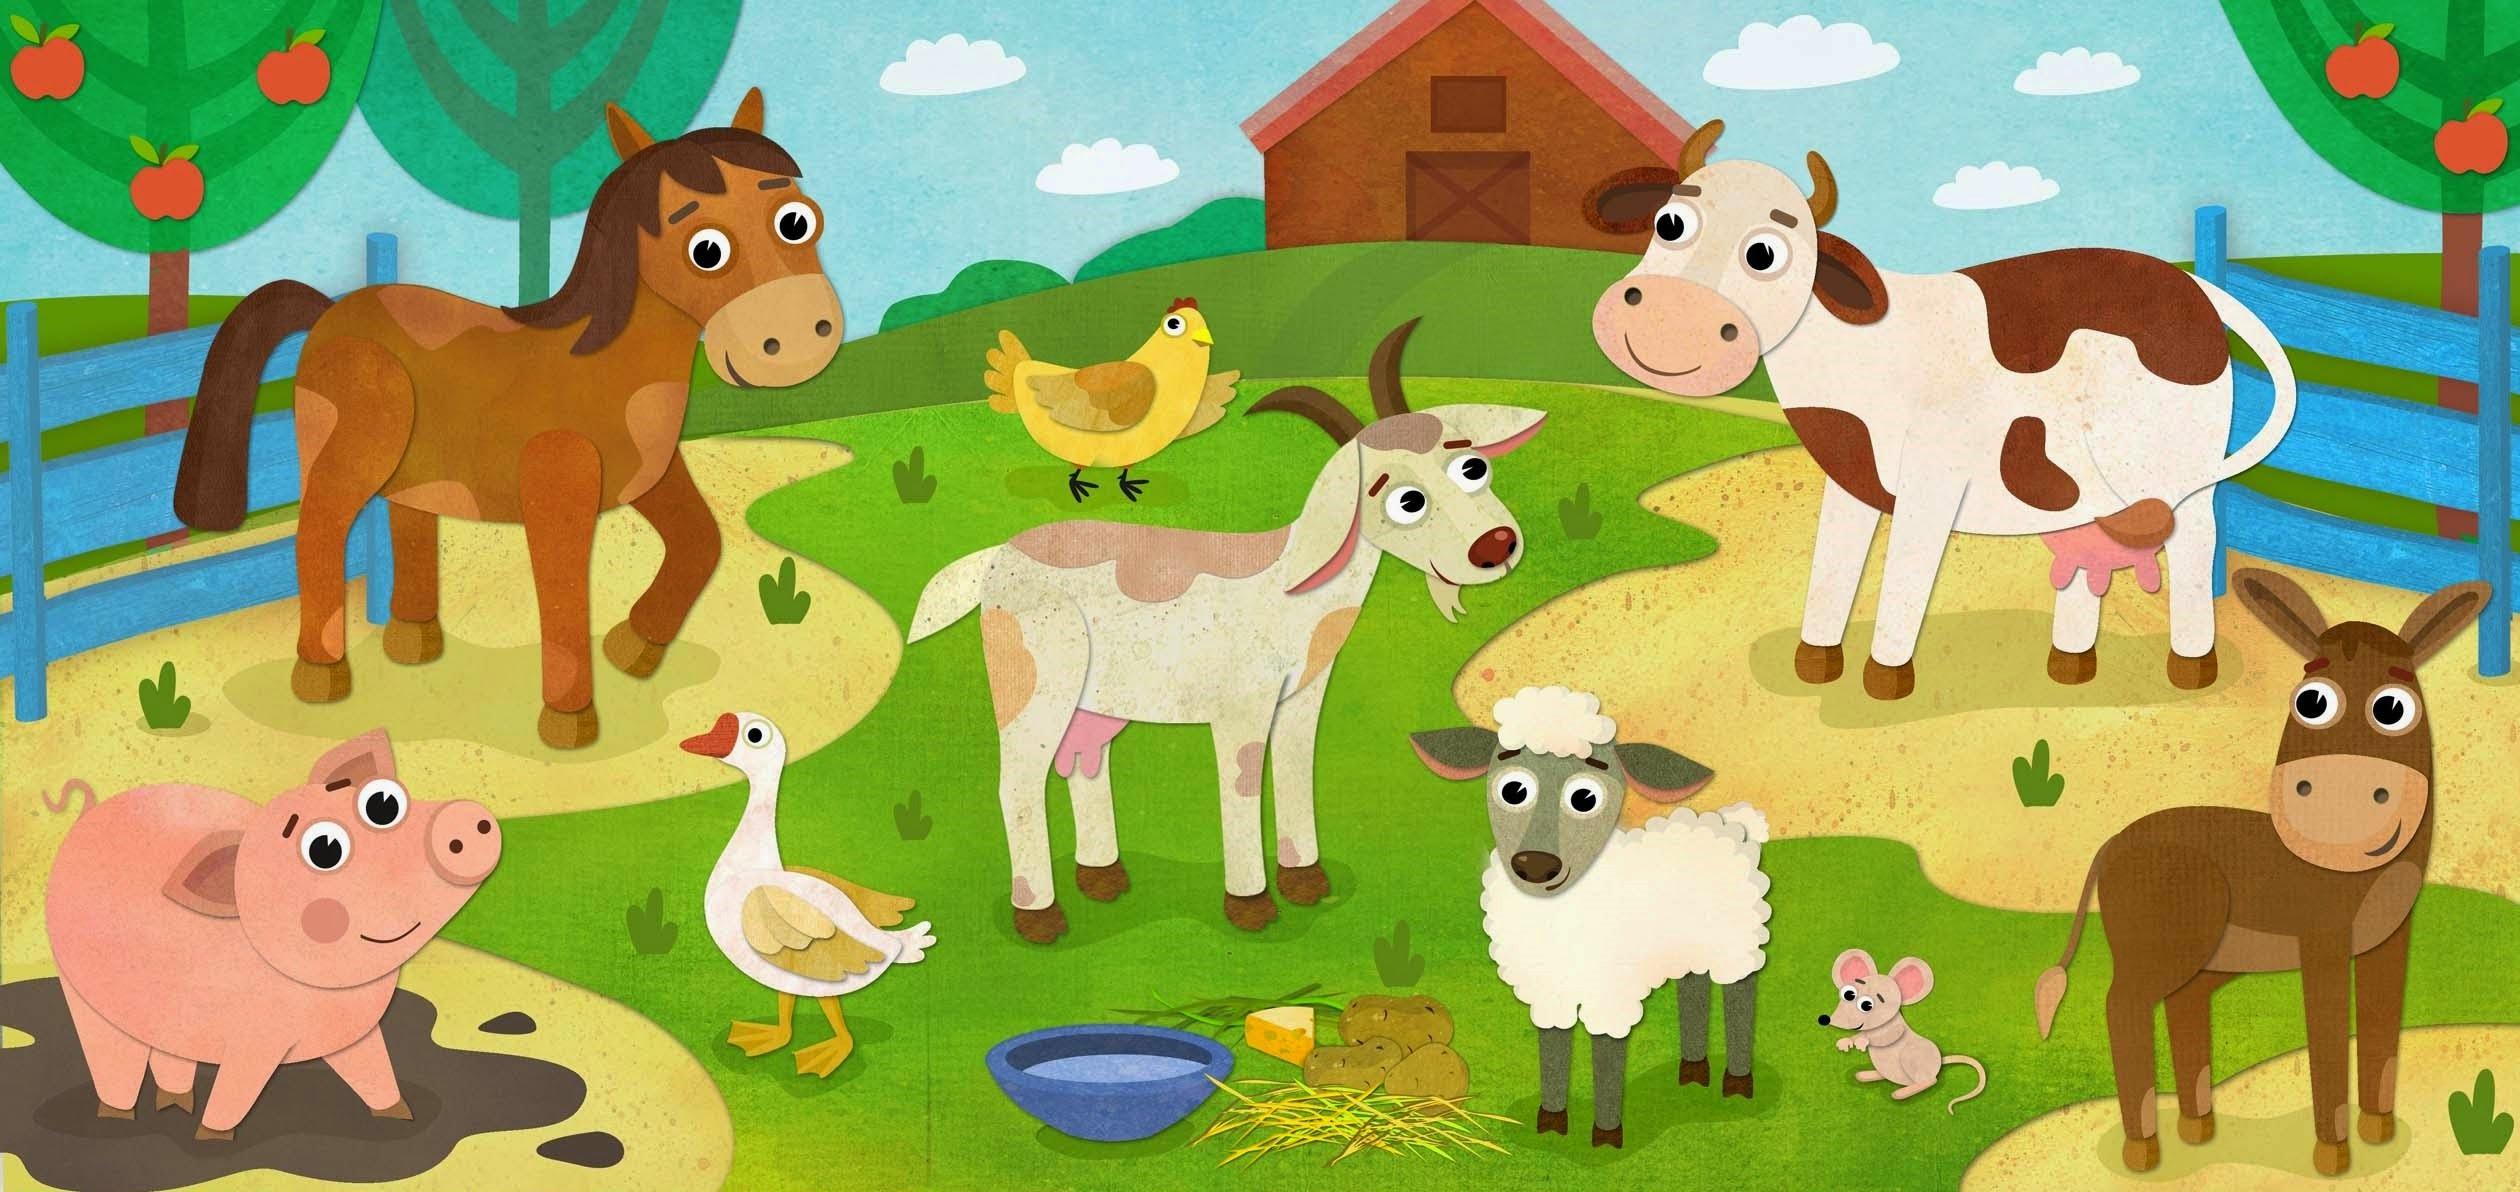 День, рисованные картинки для детей домашние животные